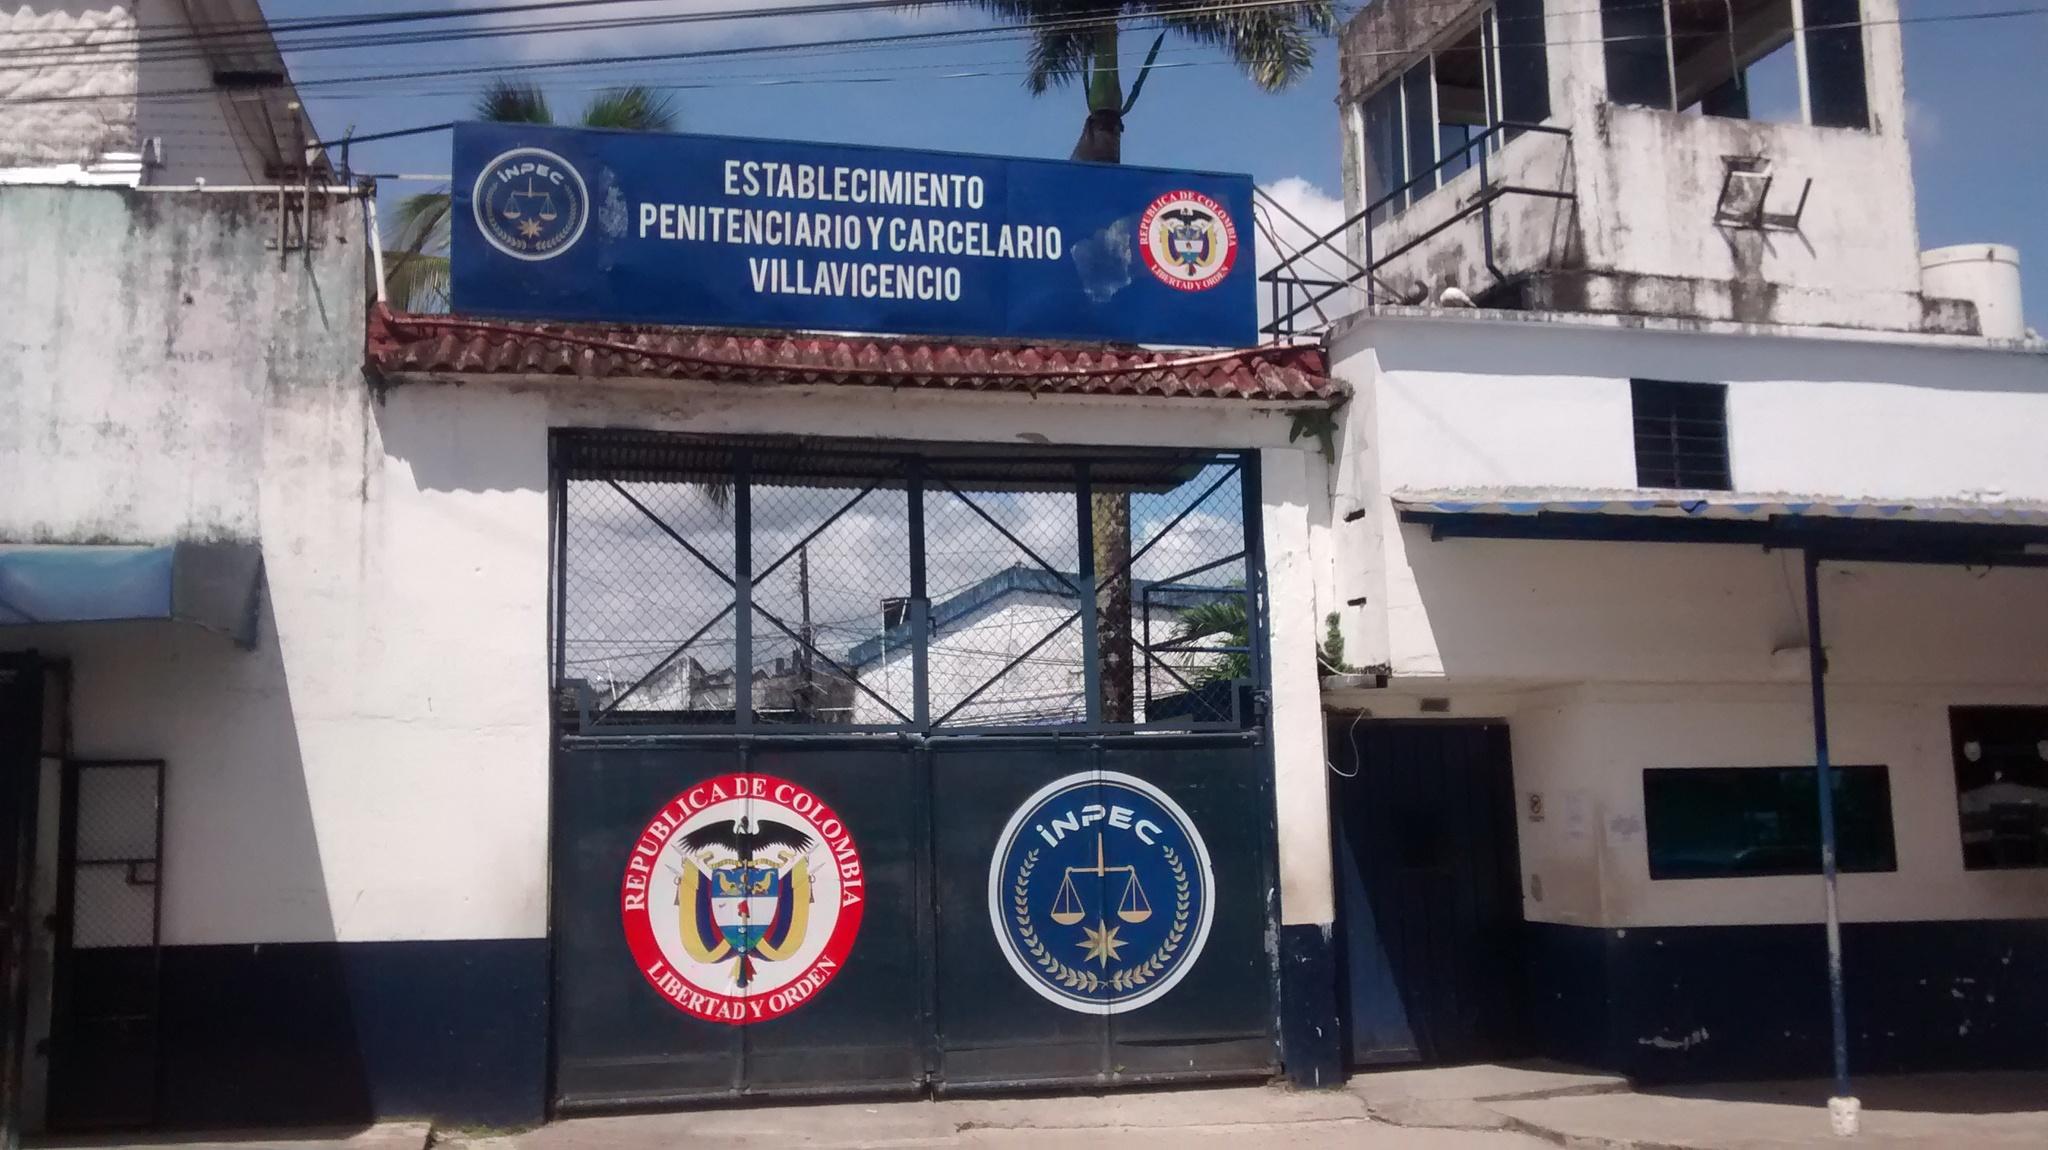 Coronavirus Colombia: Resumen de las noticias, casos de contagio y muertos por Covid-19 del 17 de abril 21